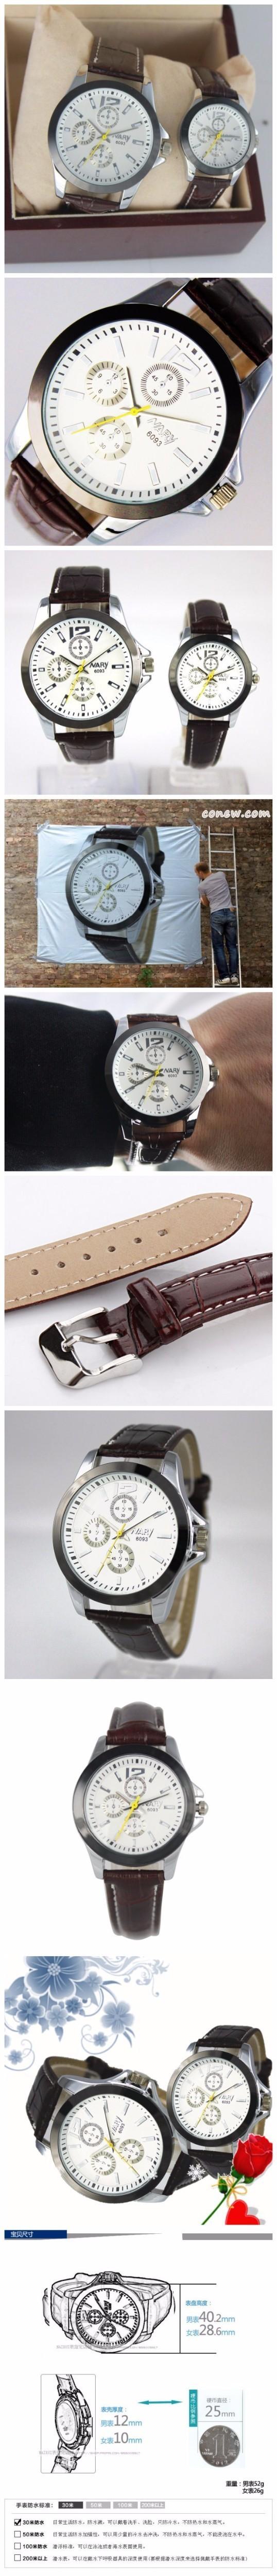 2016 NARY Известный Бренд Кварцевые Мужские Часы Лучший Бренд Luxury Пары Кварцевые часы Часы Кожаный Ремешок Женщин Наручные часы Relogio